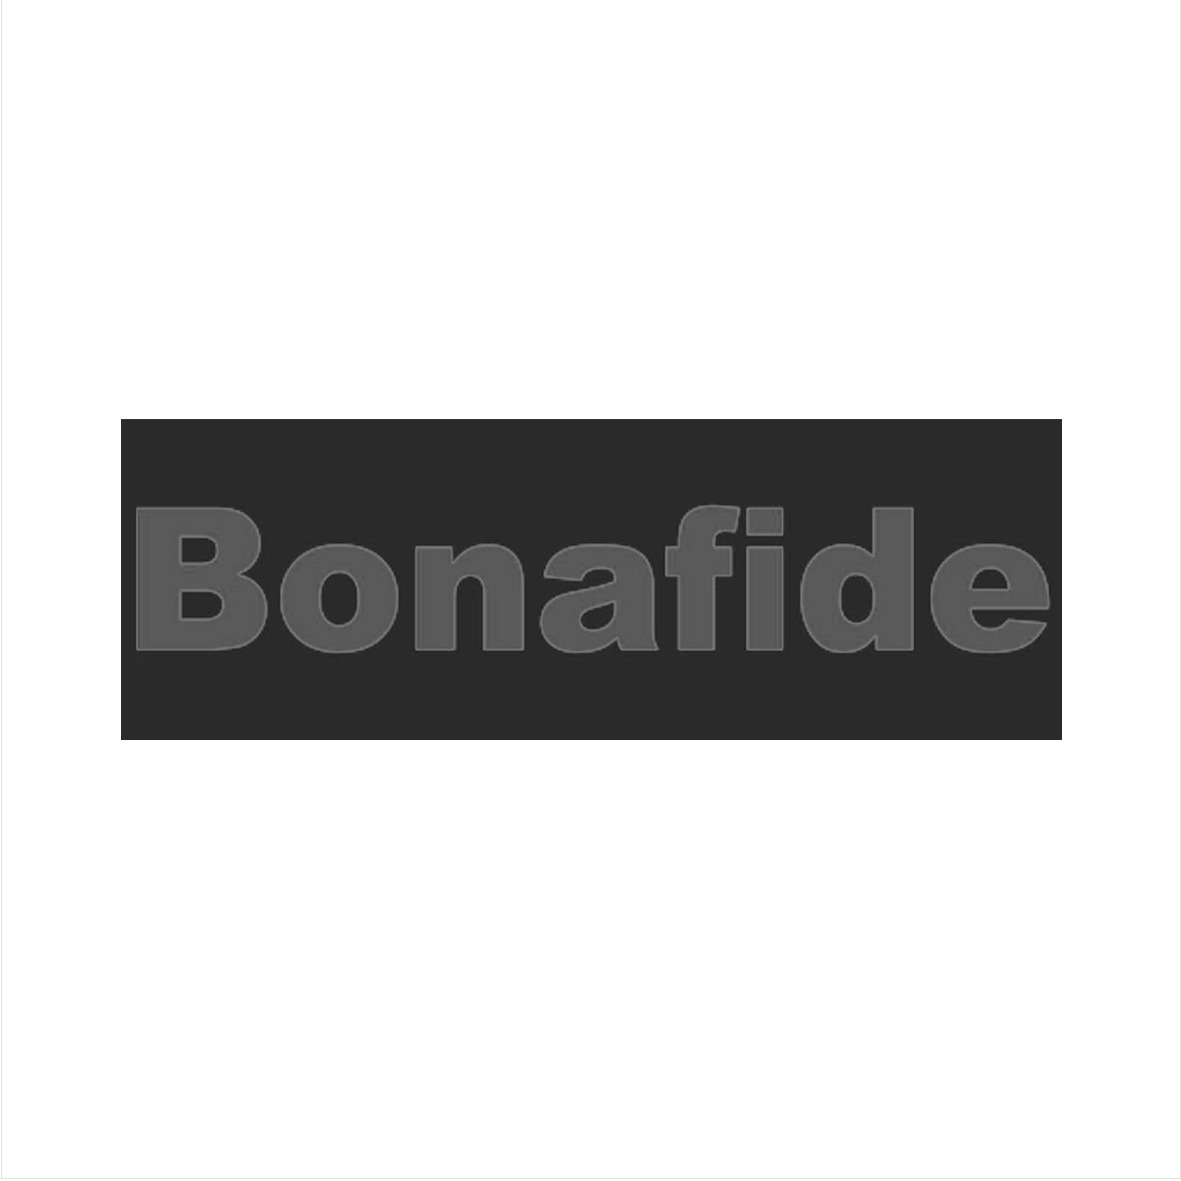 BONAFIDE_edited